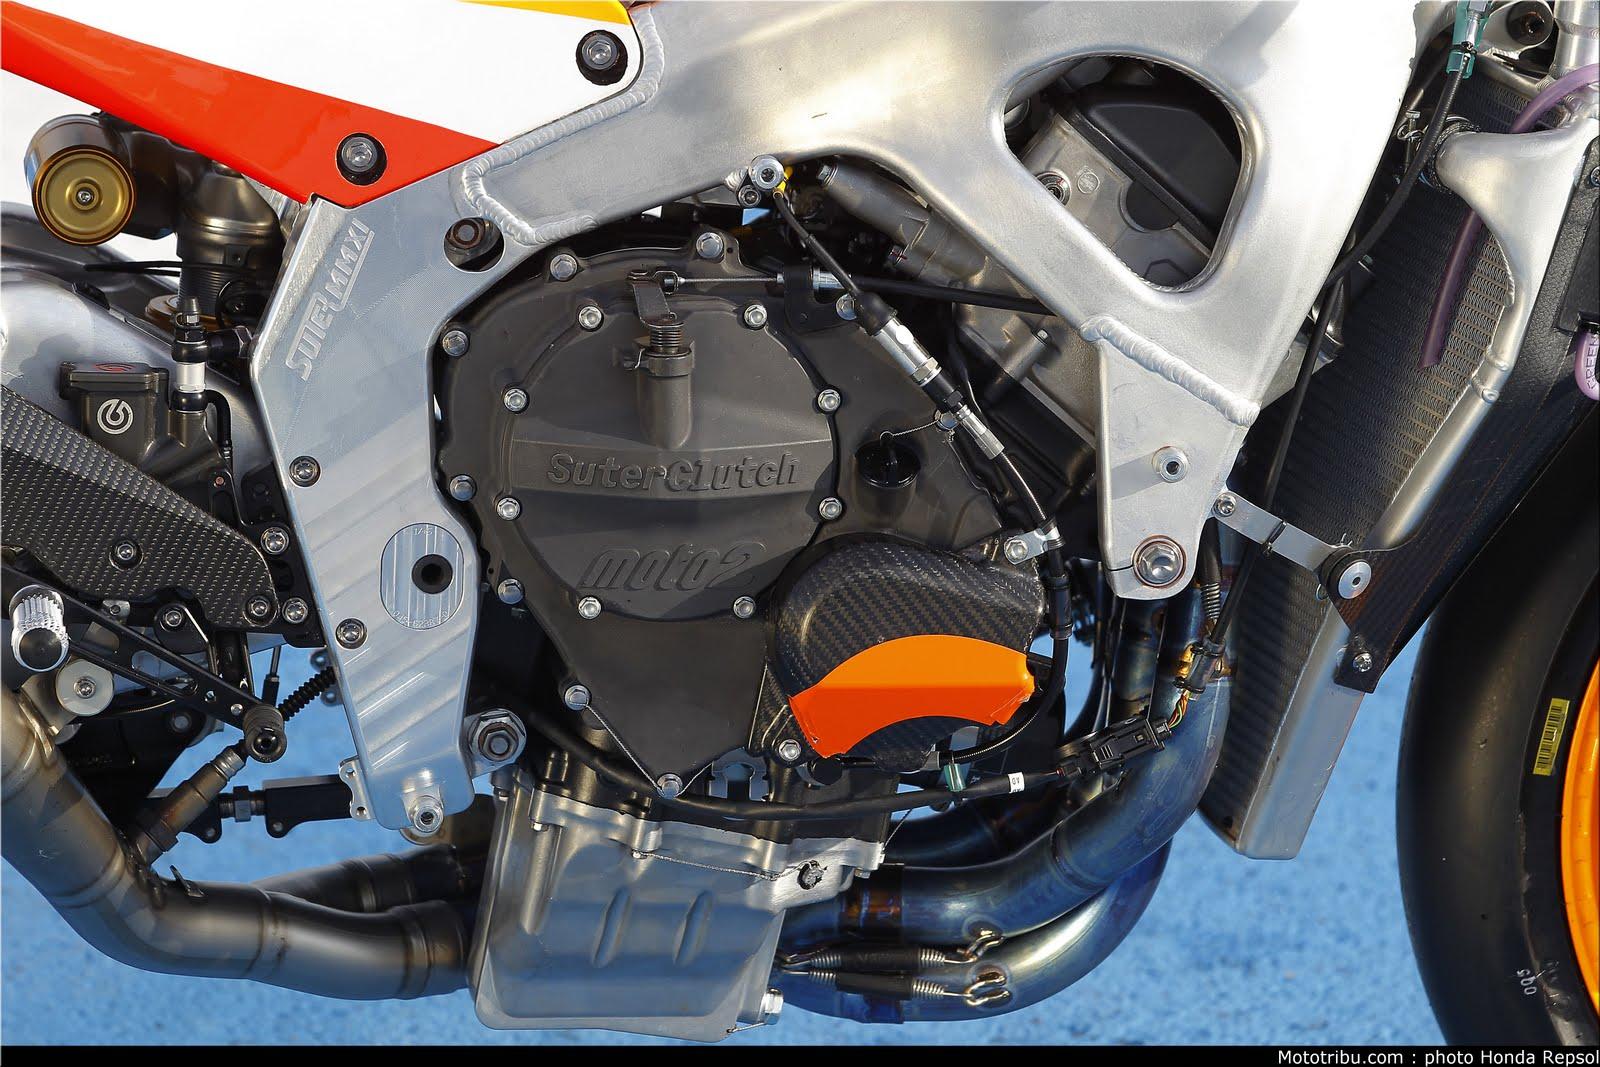 Machines de courses ( Race bikes ) - Page 7 Suter%2BMMX%2BMarquez%2B2011%2B08